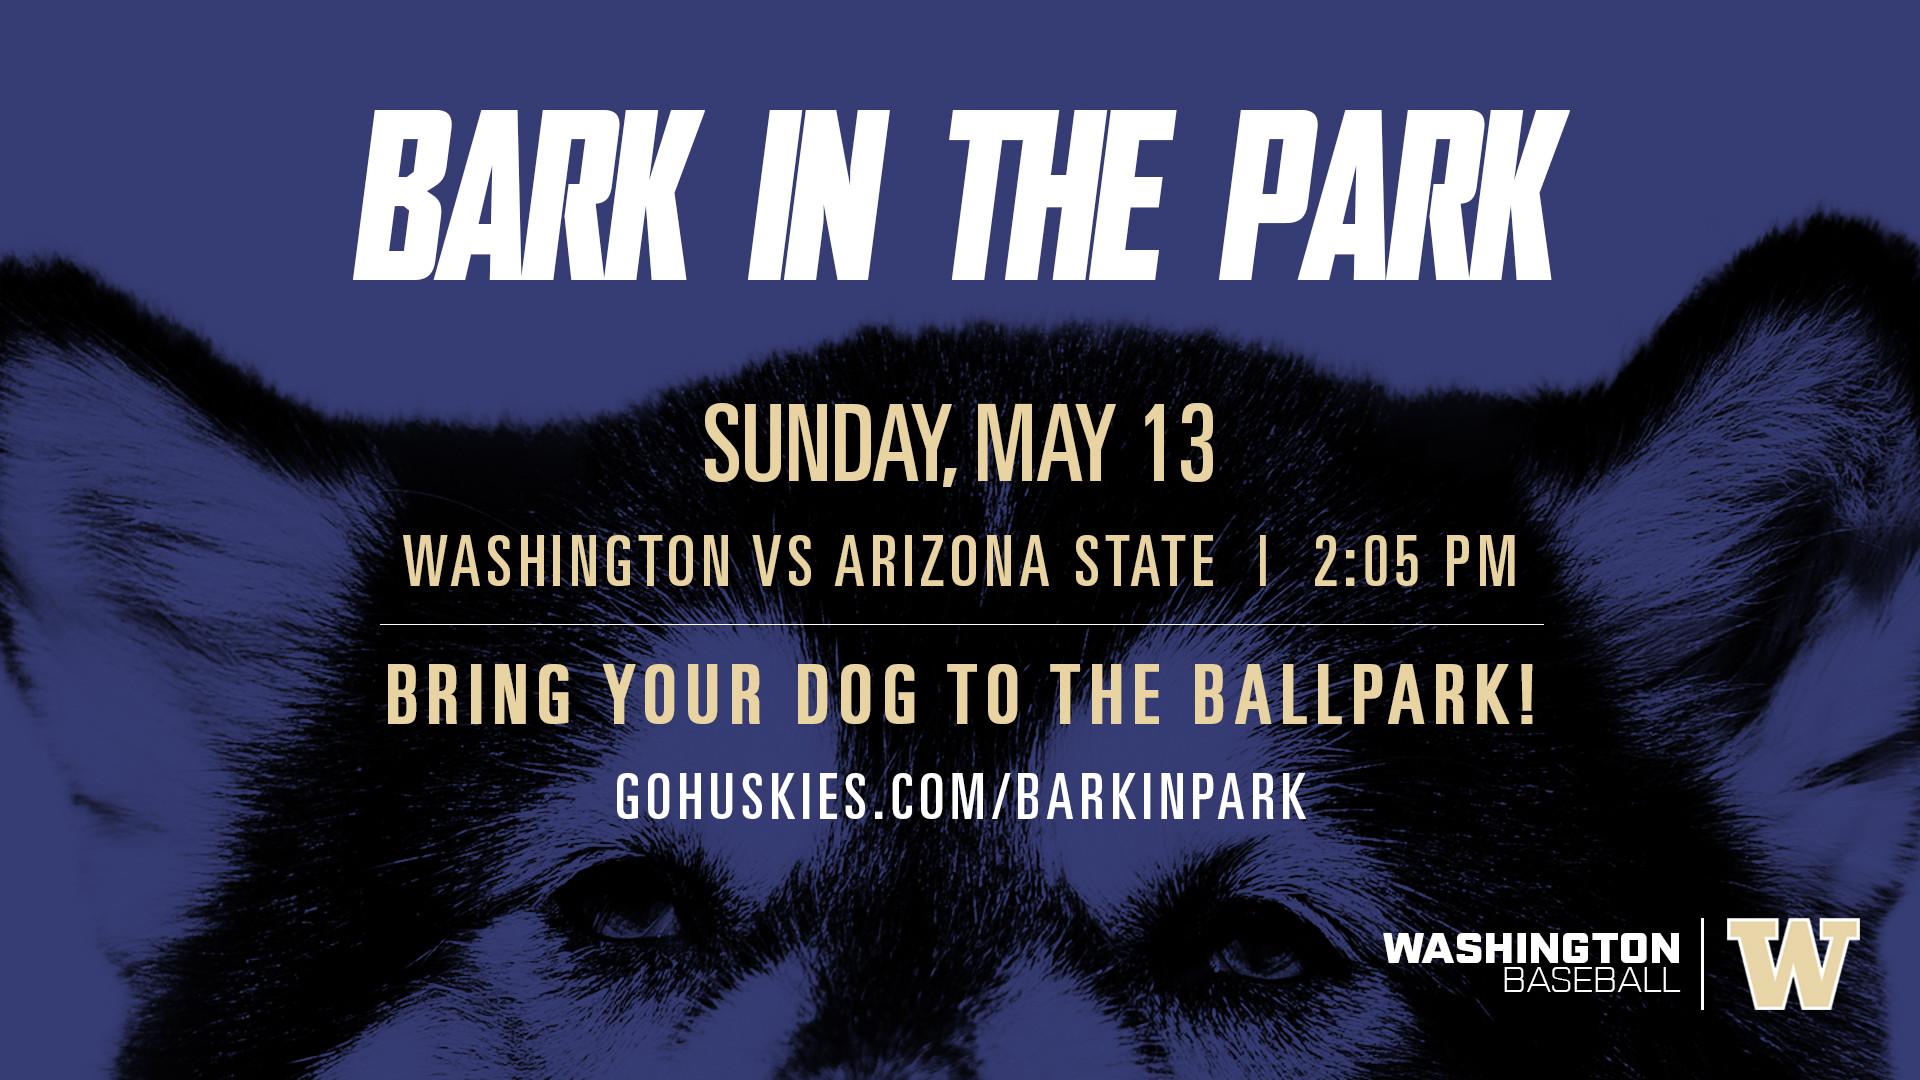 Washington Baseball // Bark in the Park // Sunday, April 24, 2016. Husky  Ballpark Washington vs St. Mary's // 1:00 PM